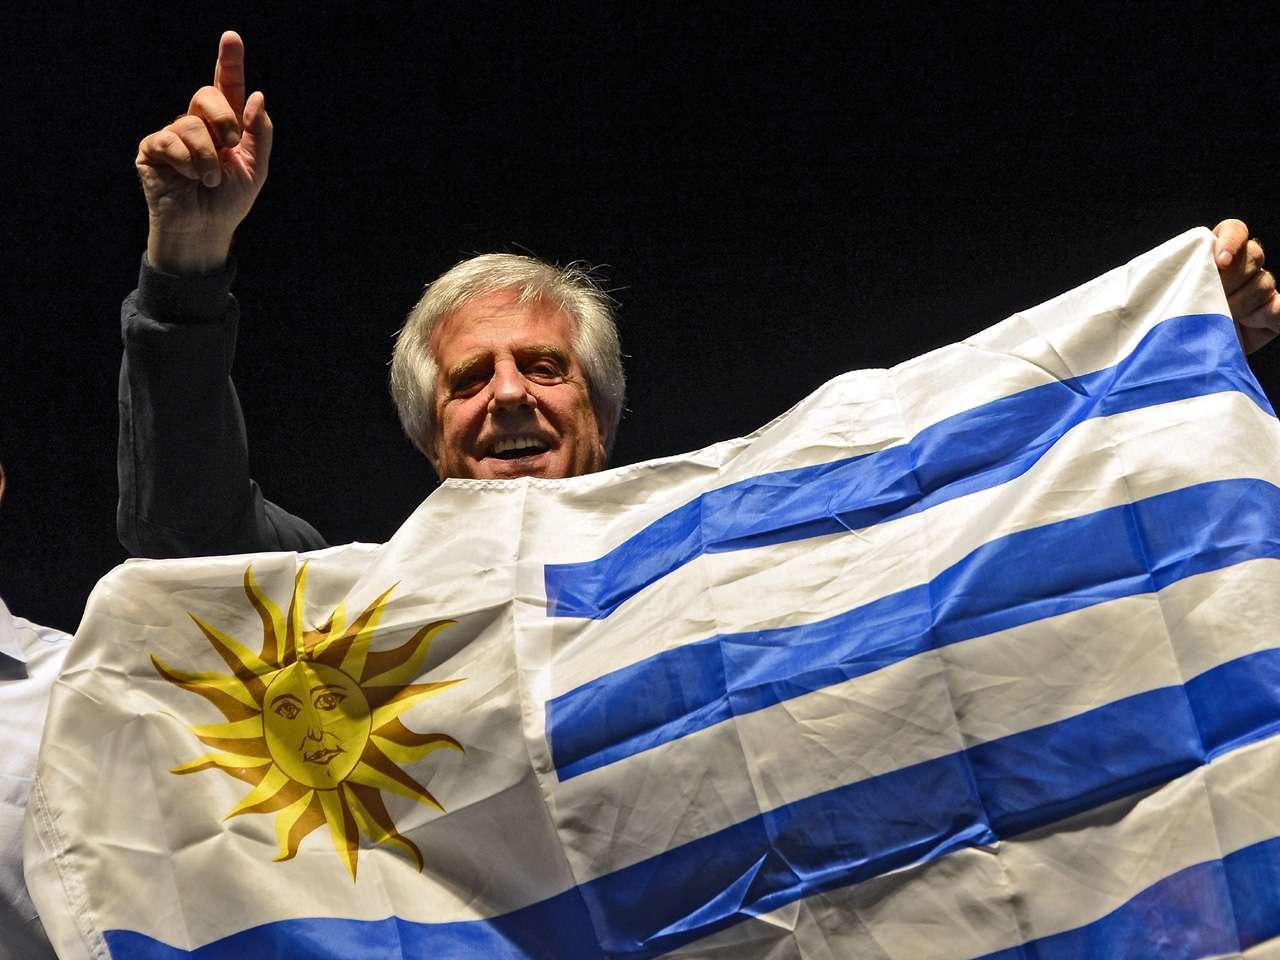 De ganar el domingo, Tabaré Vázquez sería por segunda vez presidente de Uruguay Foto: AFP en español